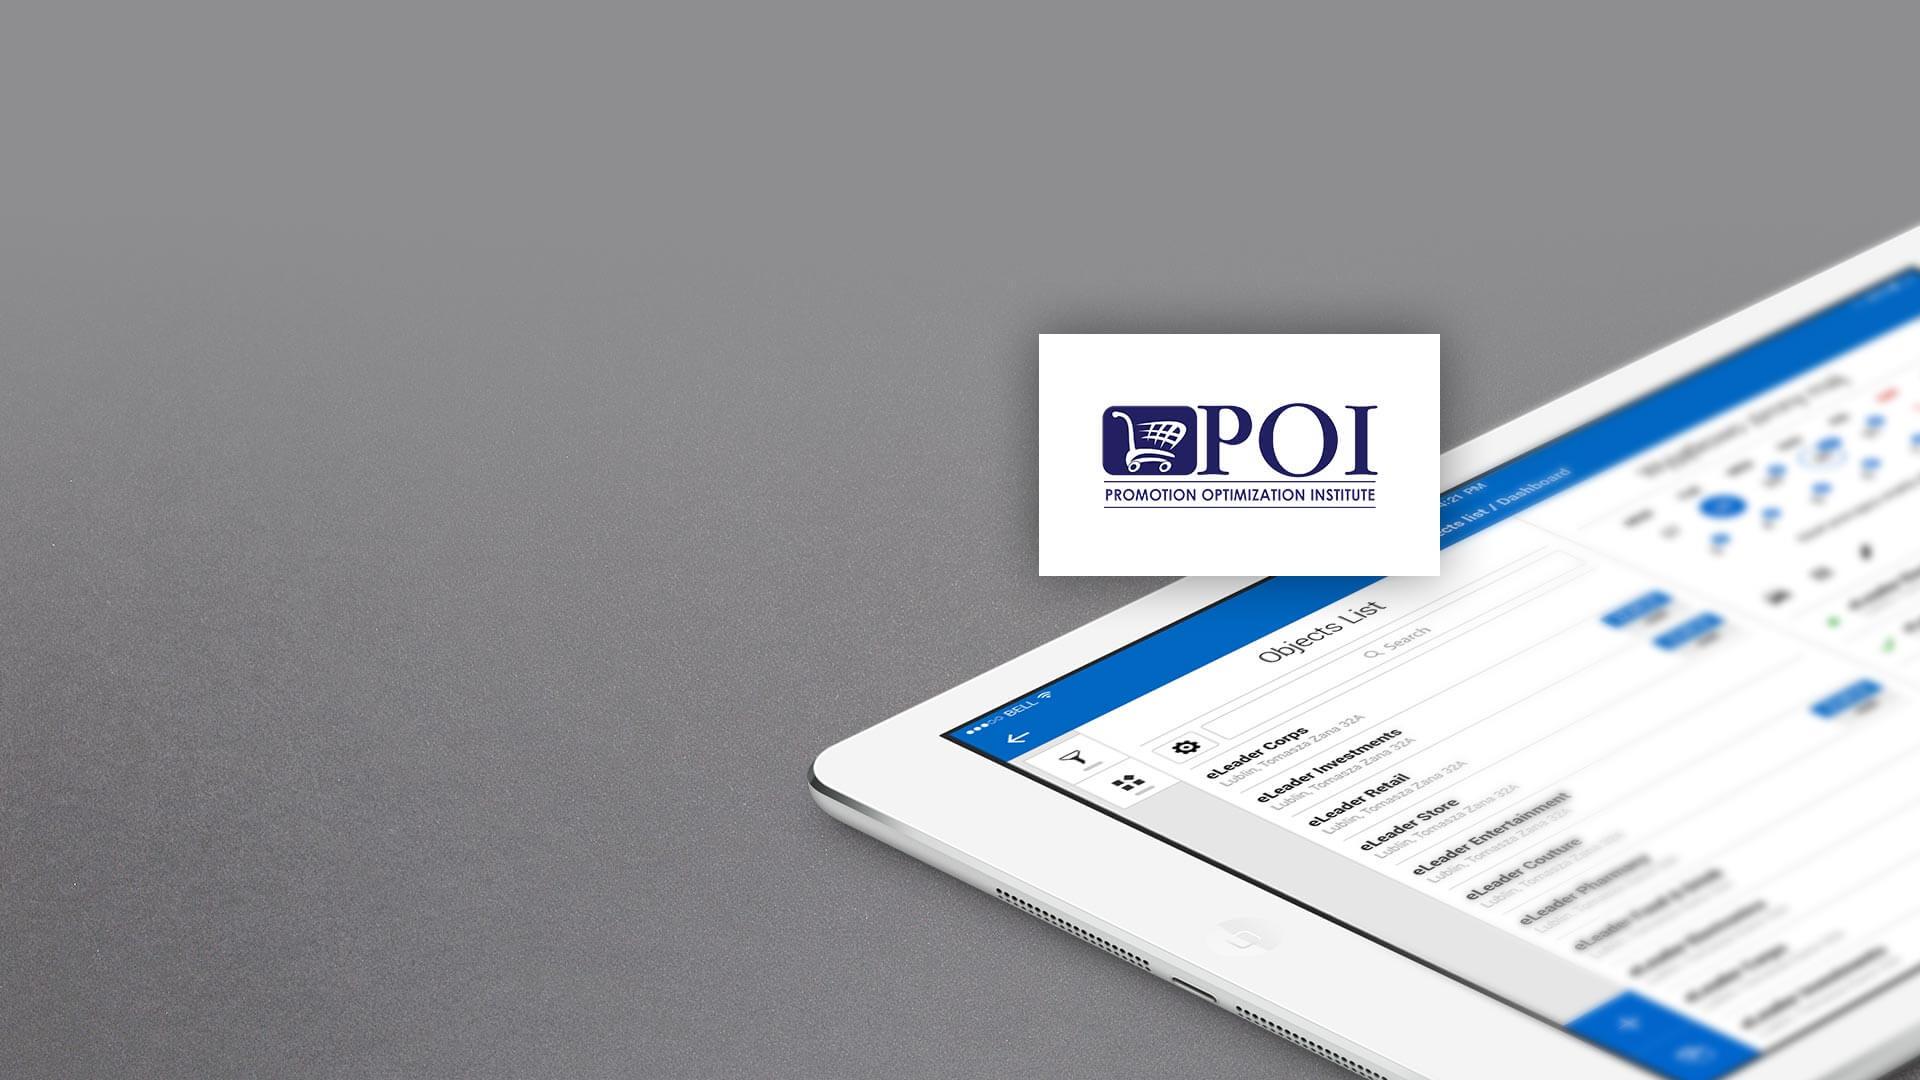 Customertimes в списке лучших IT-решений для мониторинга и аудита торговых точек по версии POI